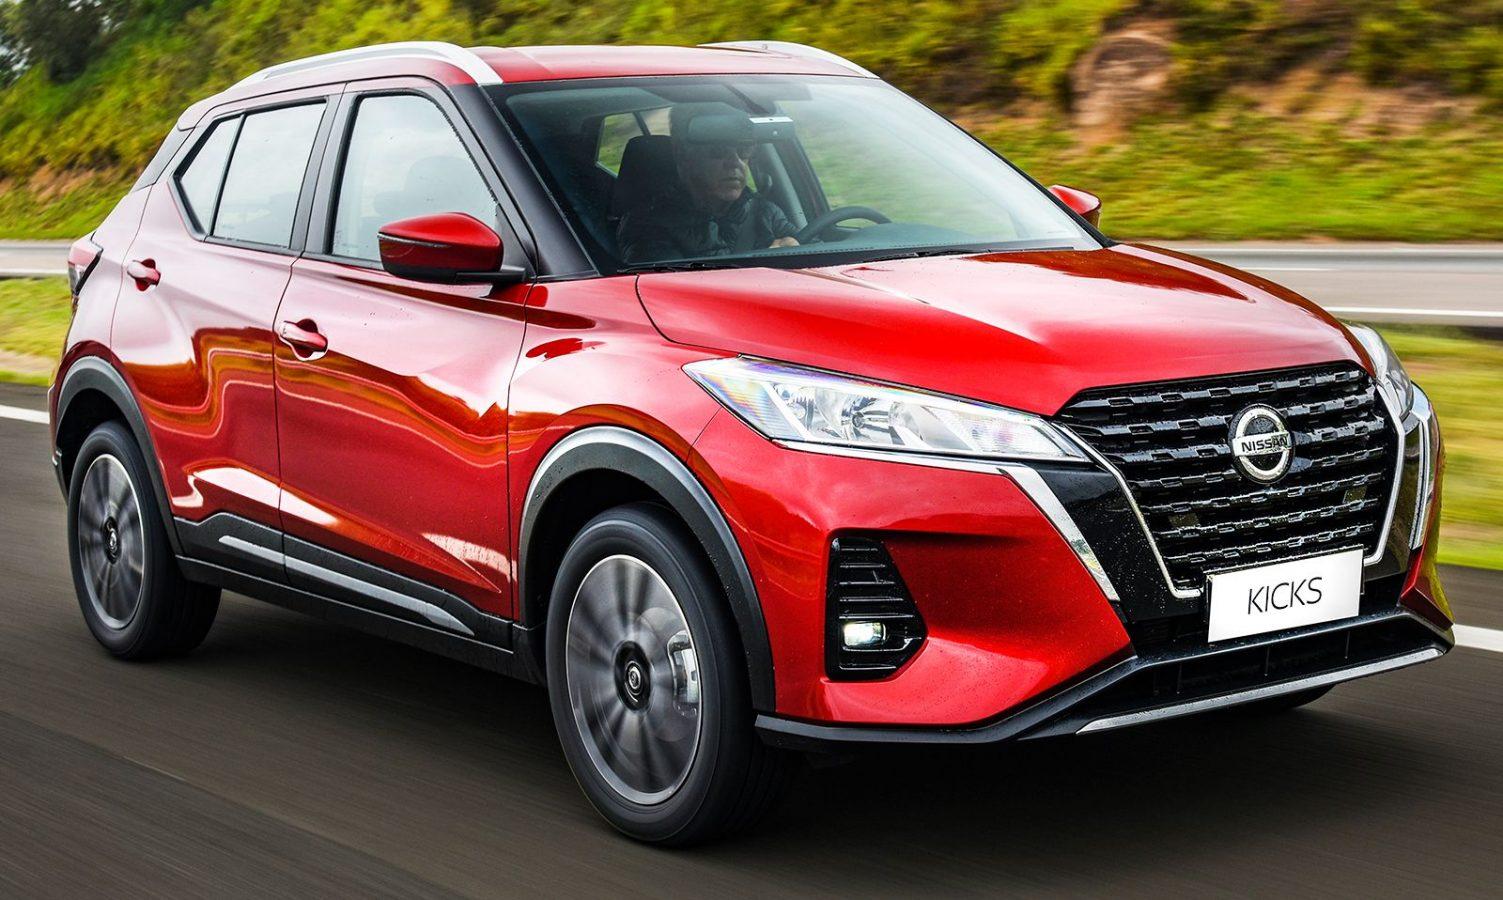 Récord histórico para Nissan y Kicks entre los 10 vehículos más vendidos